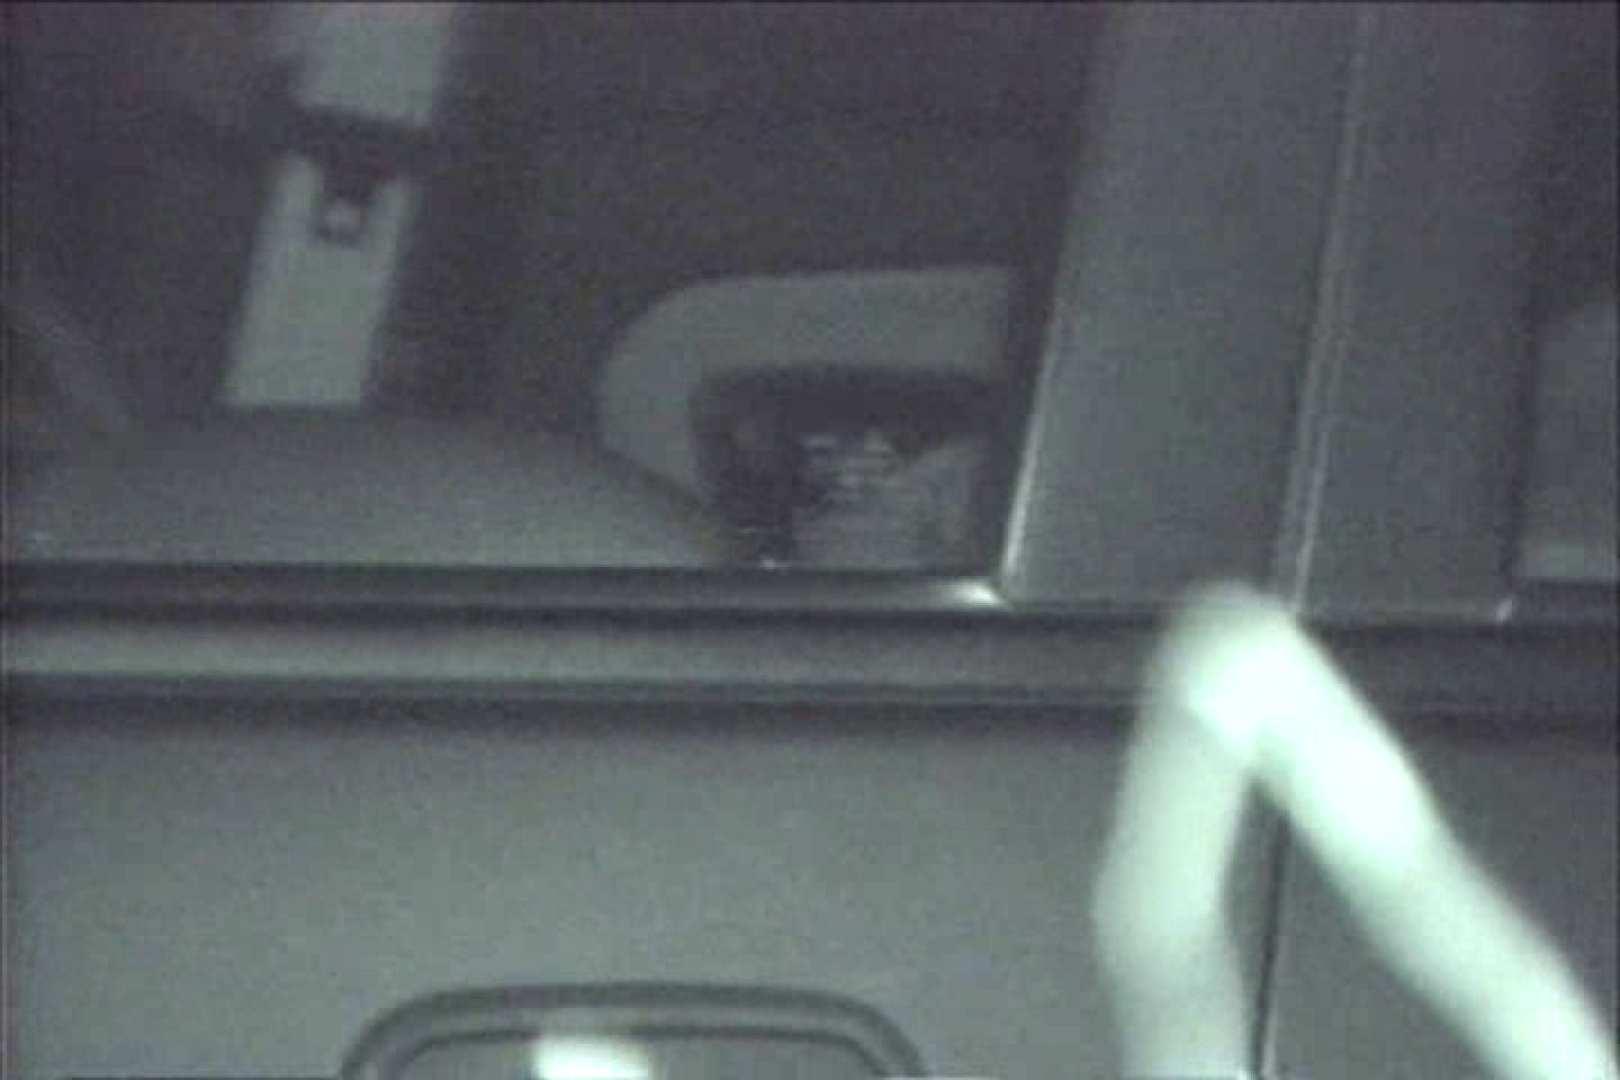 車の中はラブホテル 無修正版  Vol.18 ラブホテル隠し撮り  100pic 56